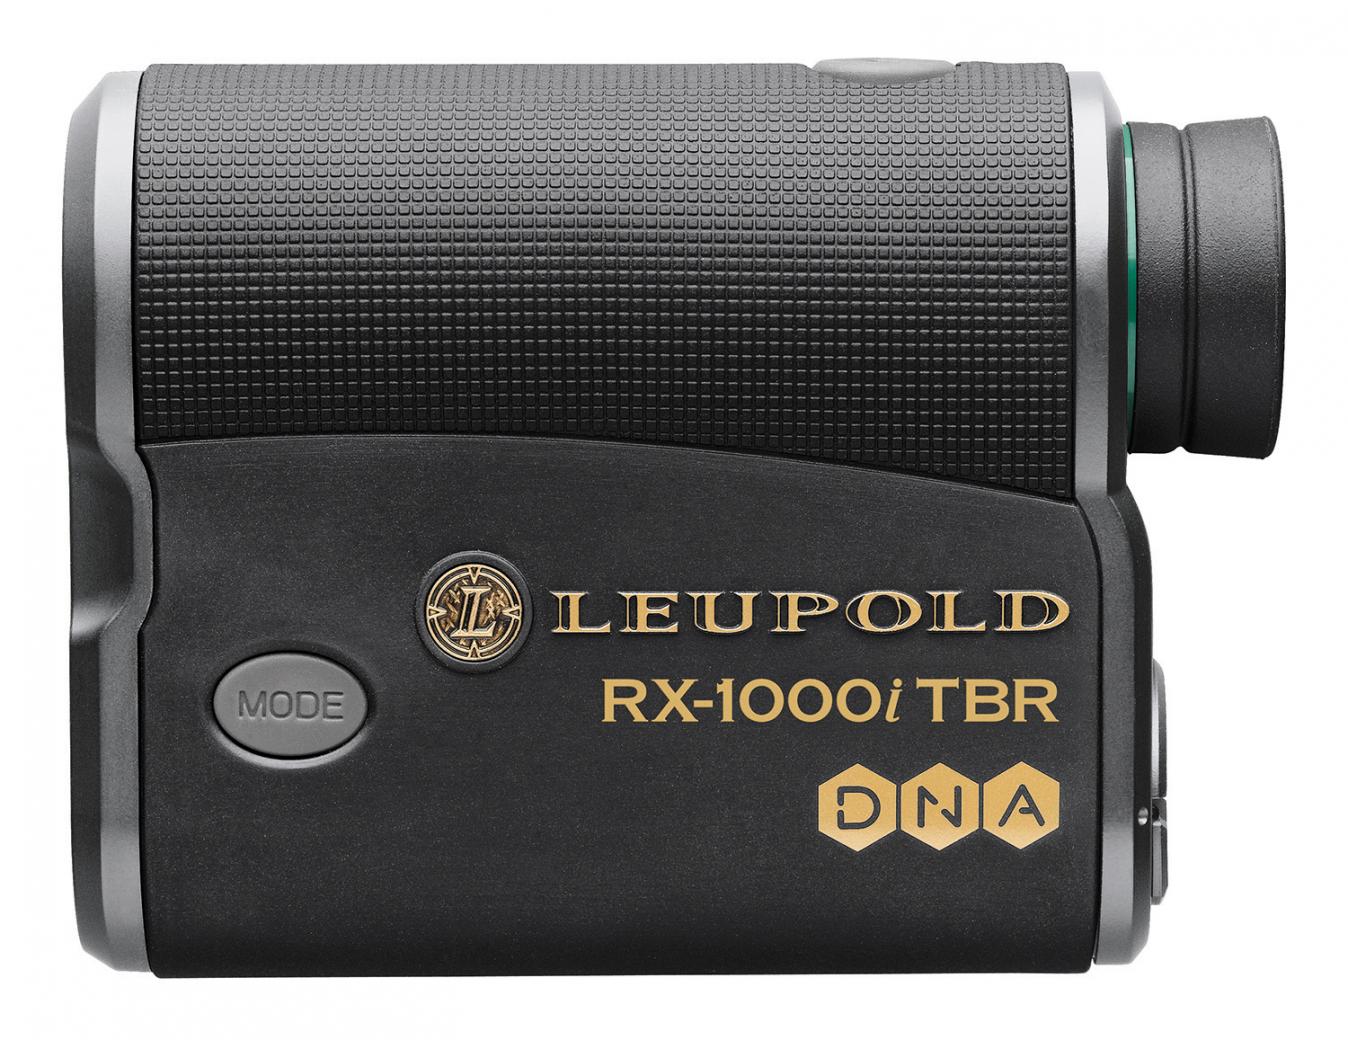 Leupold Golf Laser Entfernungsmesser Gx 4 : Dublisgolf golfzubehör golfentfernungsmesser pd putterrack